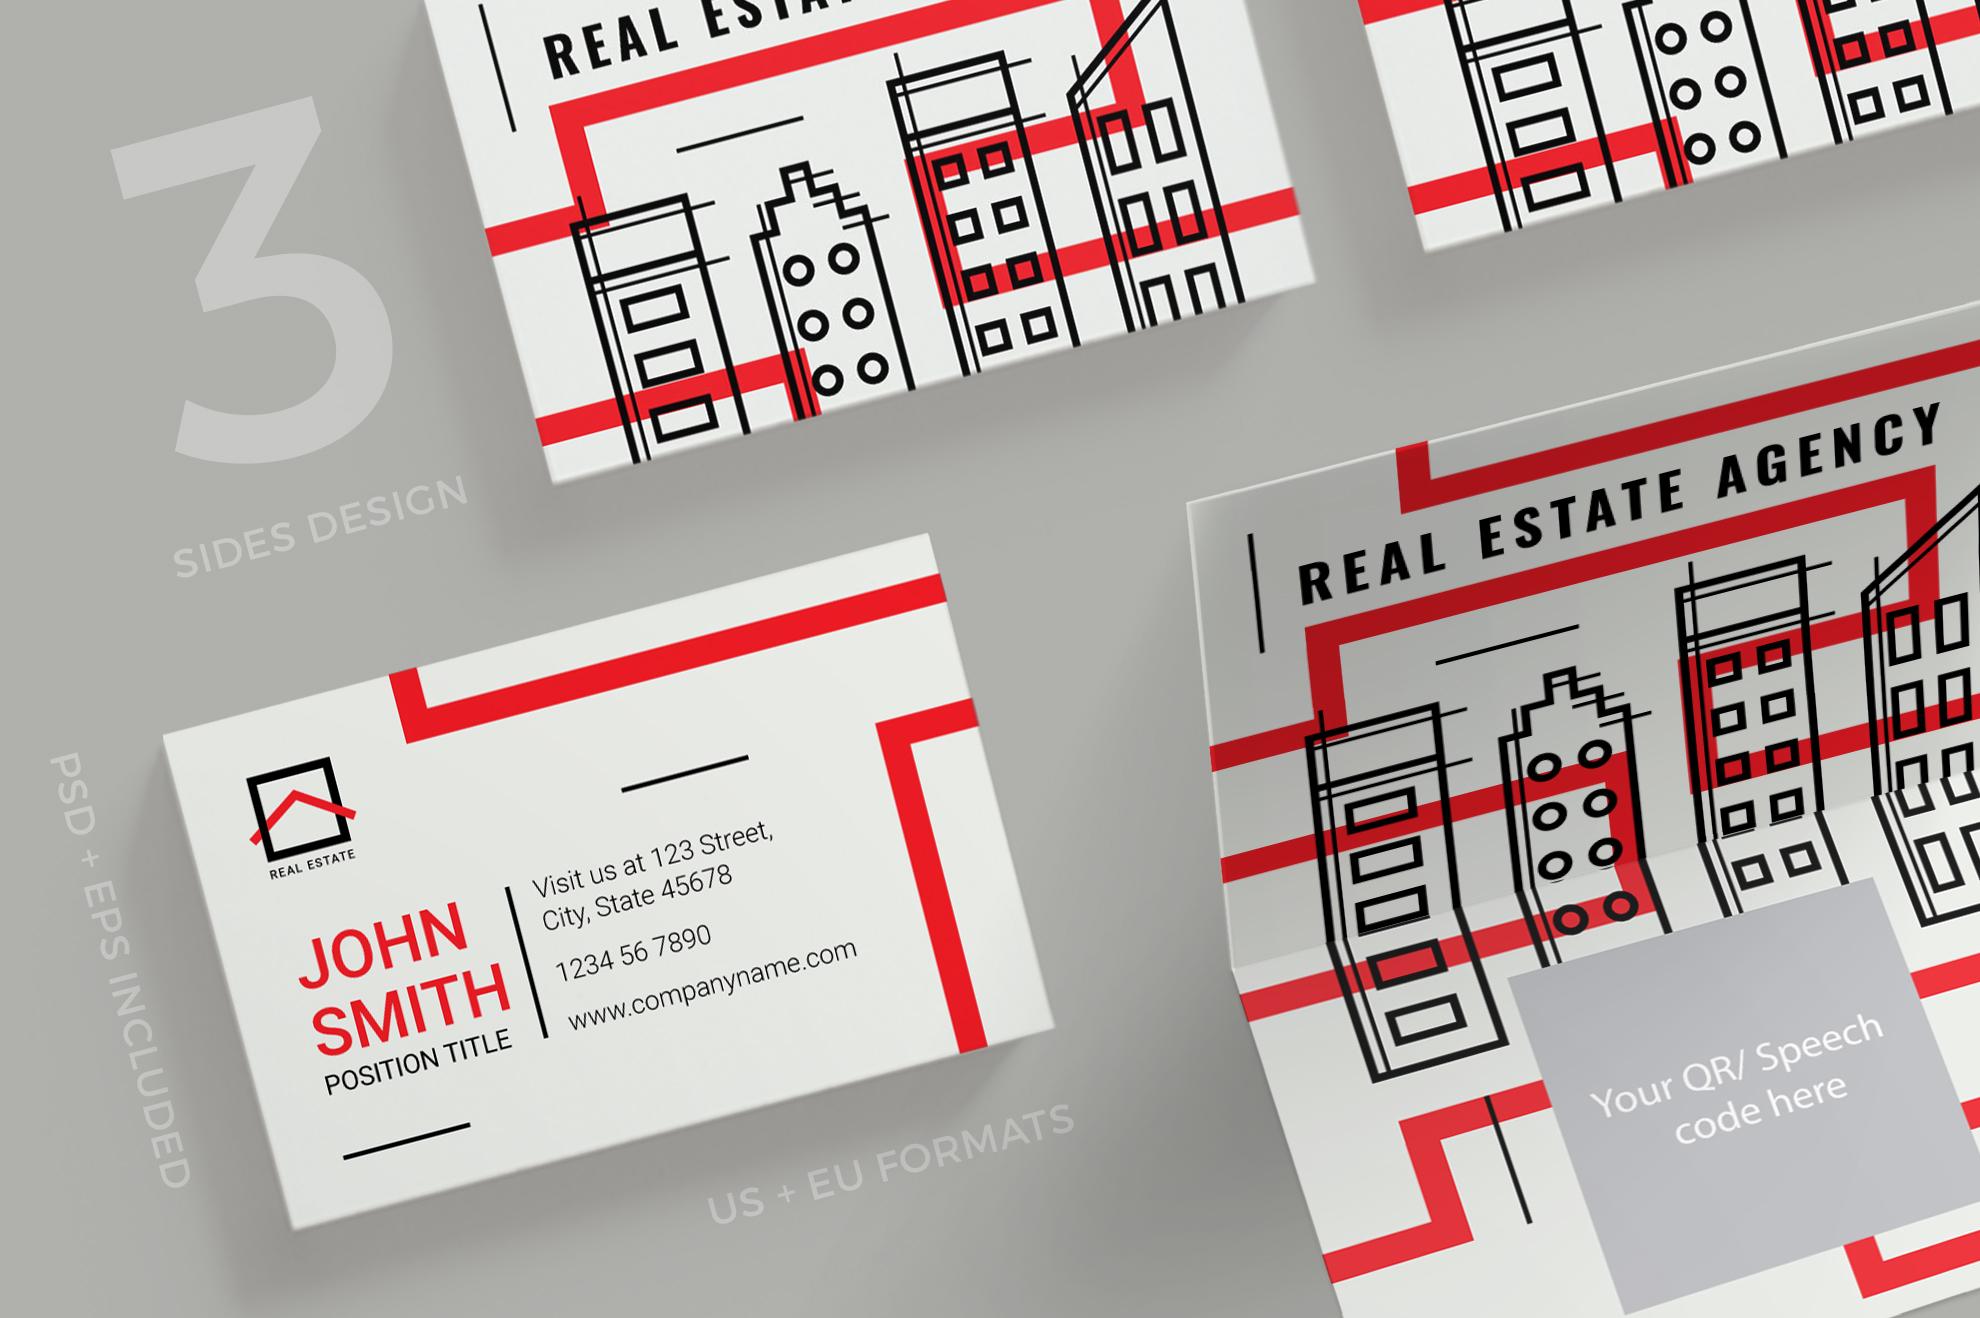 Real Estate Agency Business Card Design   Design Bundles